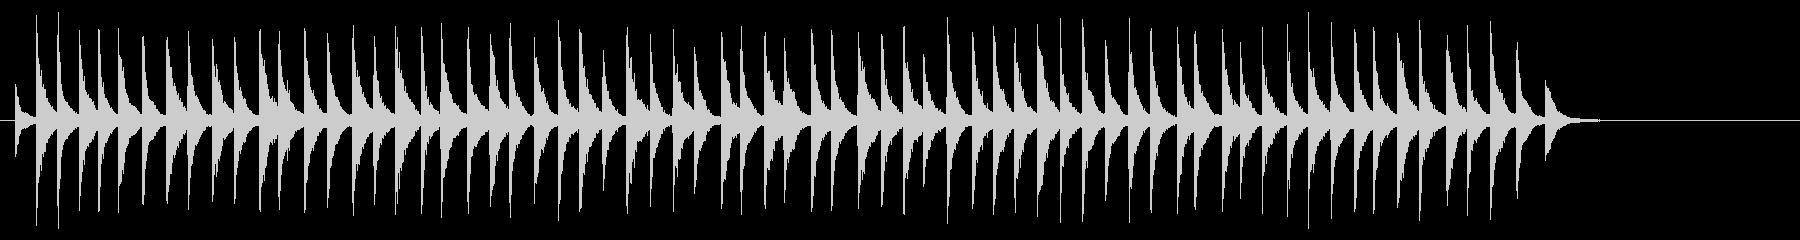 ヘビーメタルカウベル:安定したリン...の未再生の波形